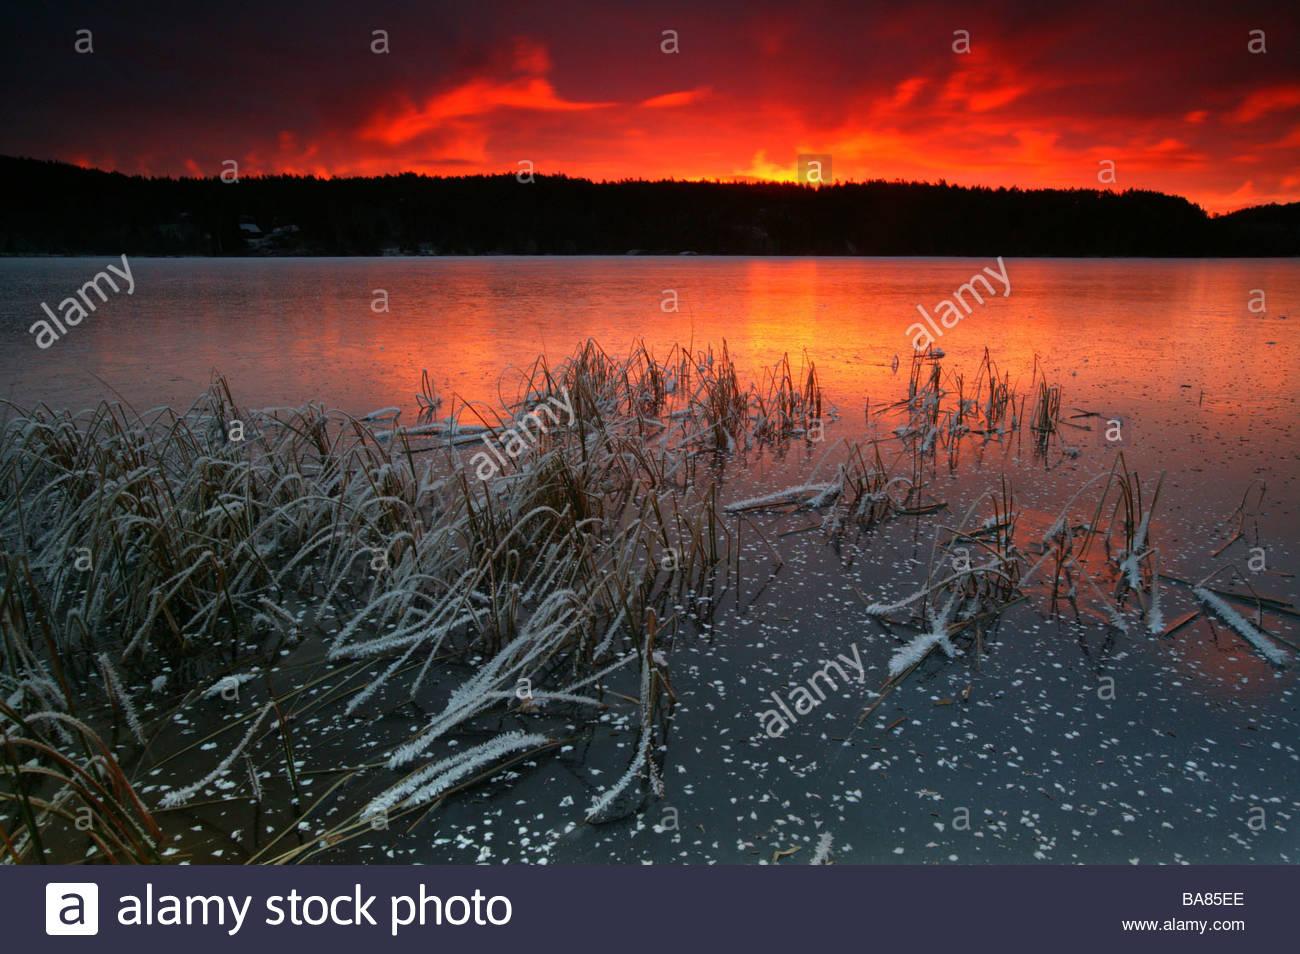 Amanecer en el lago Ravnsjø en Østfold Våler kommune, fylke, Noruega. Imagen De Stock